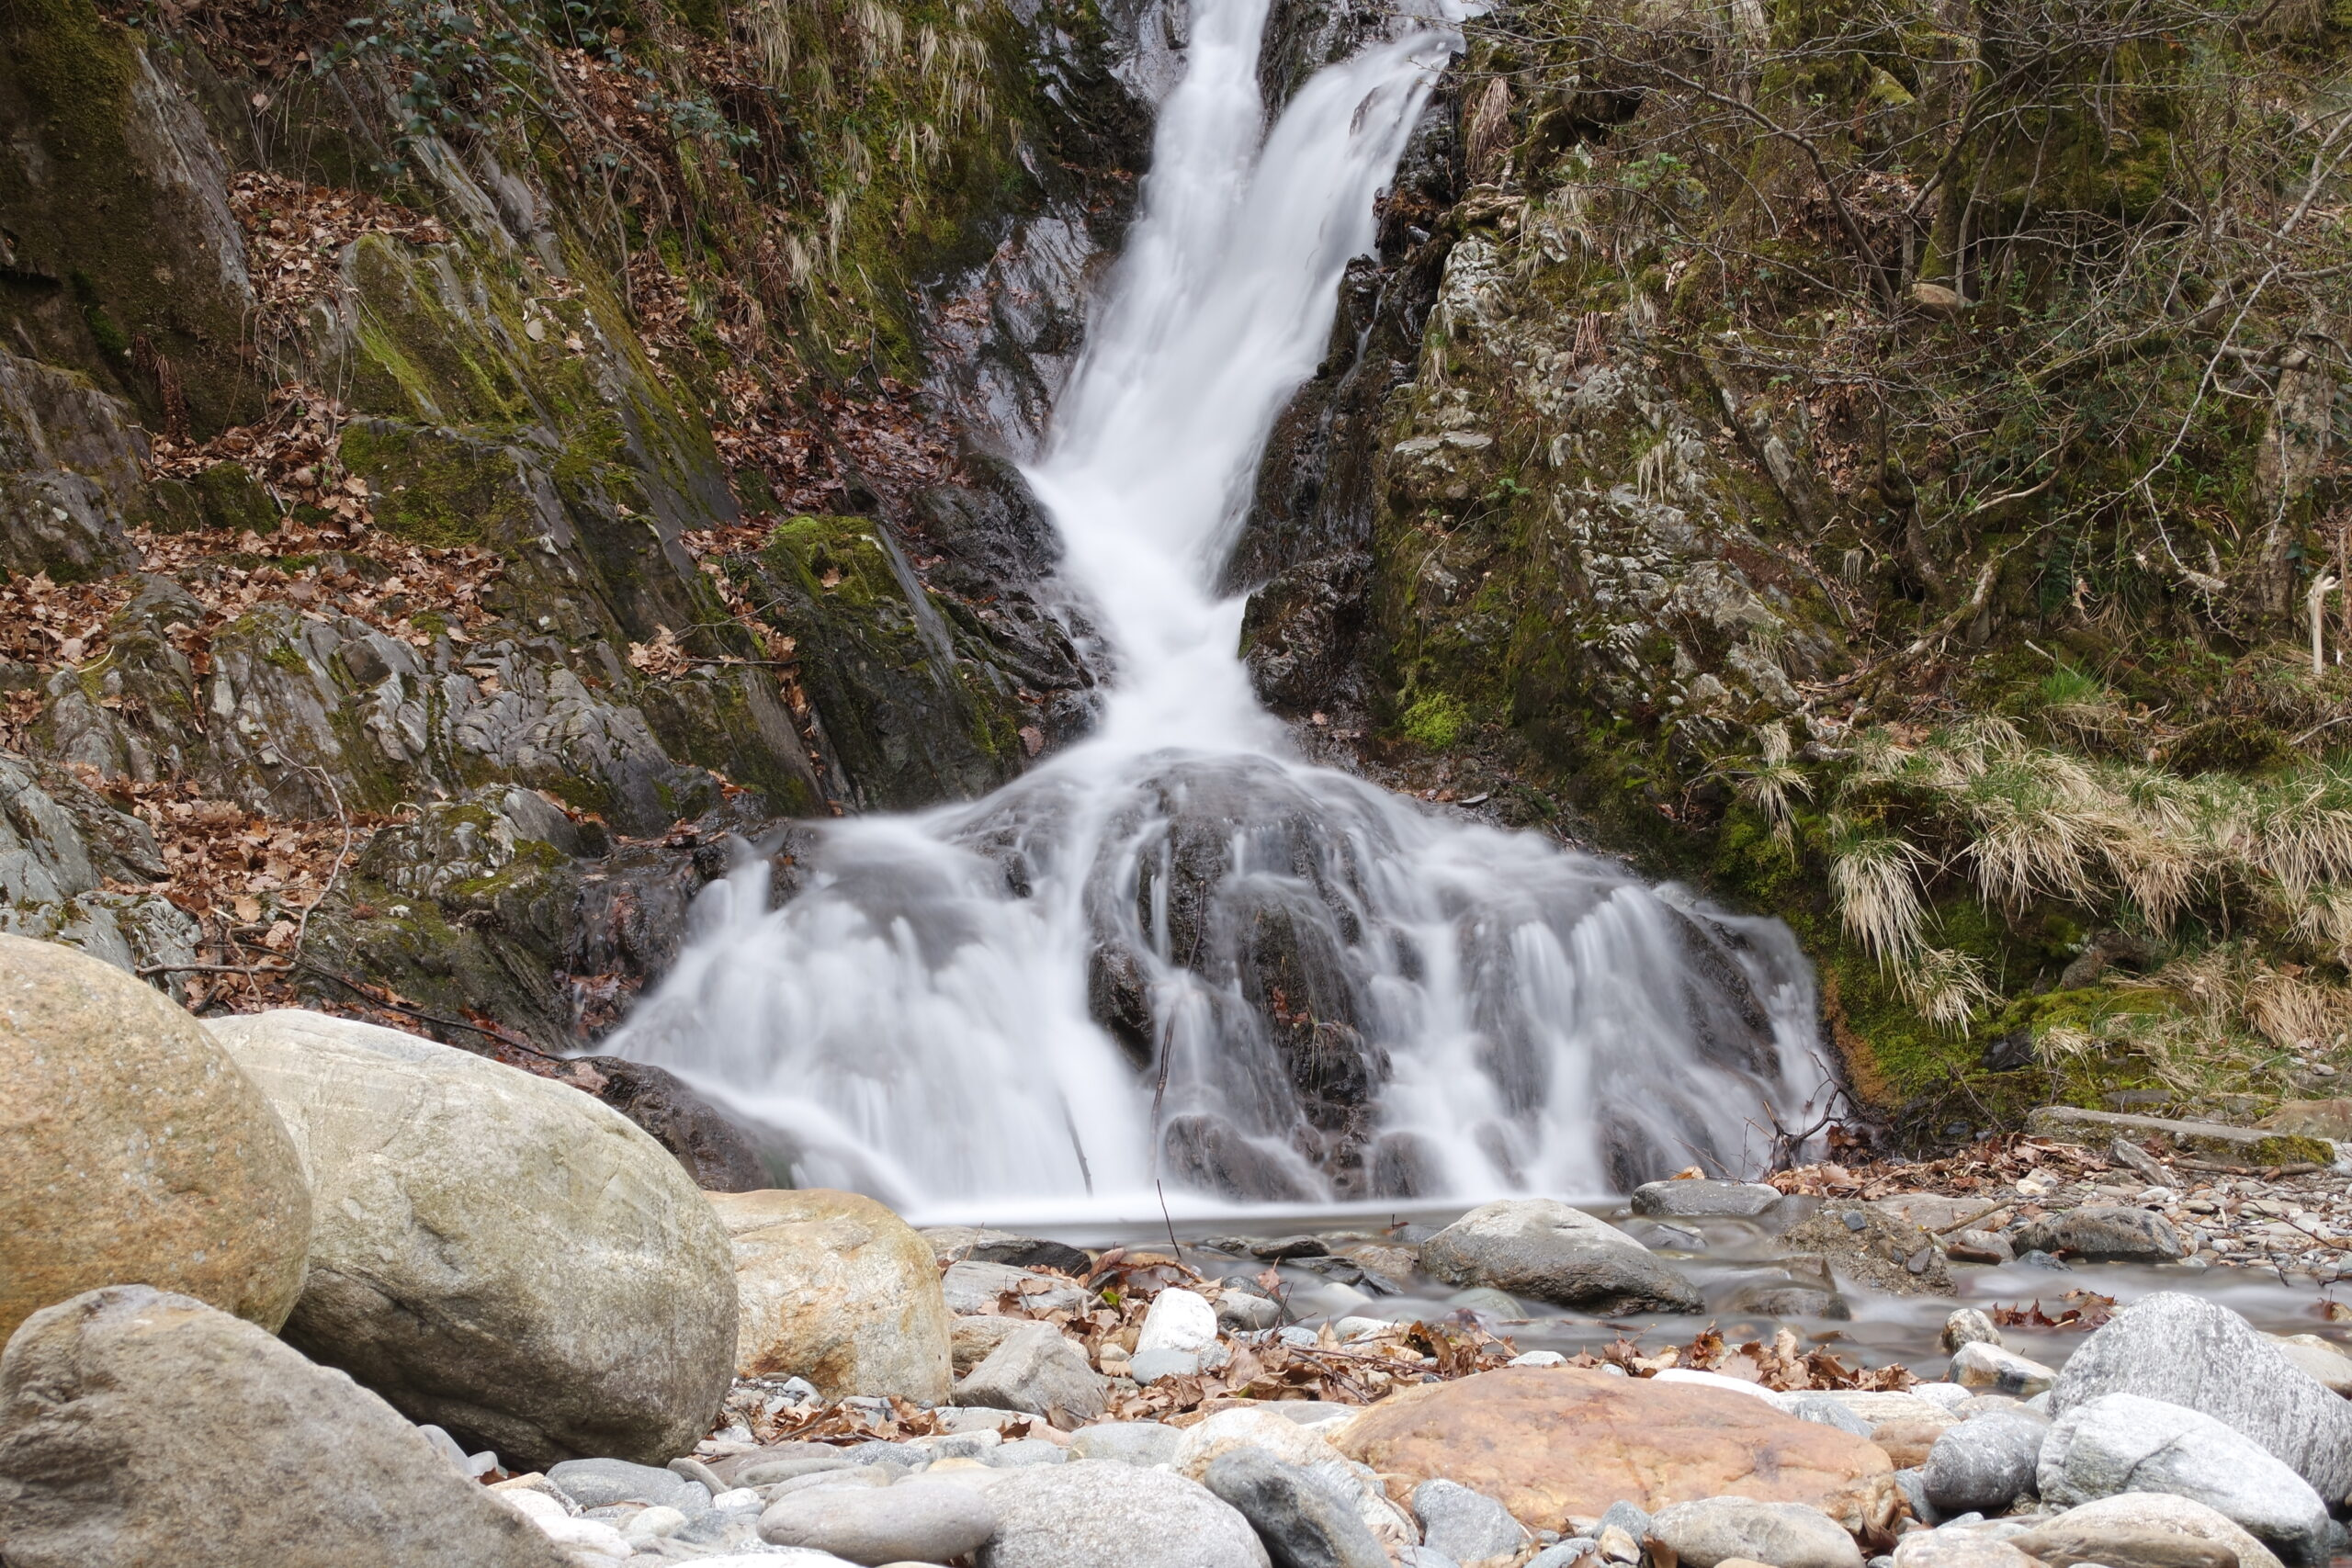 Wasserfall - Belichtungszeit 2 Sekunden